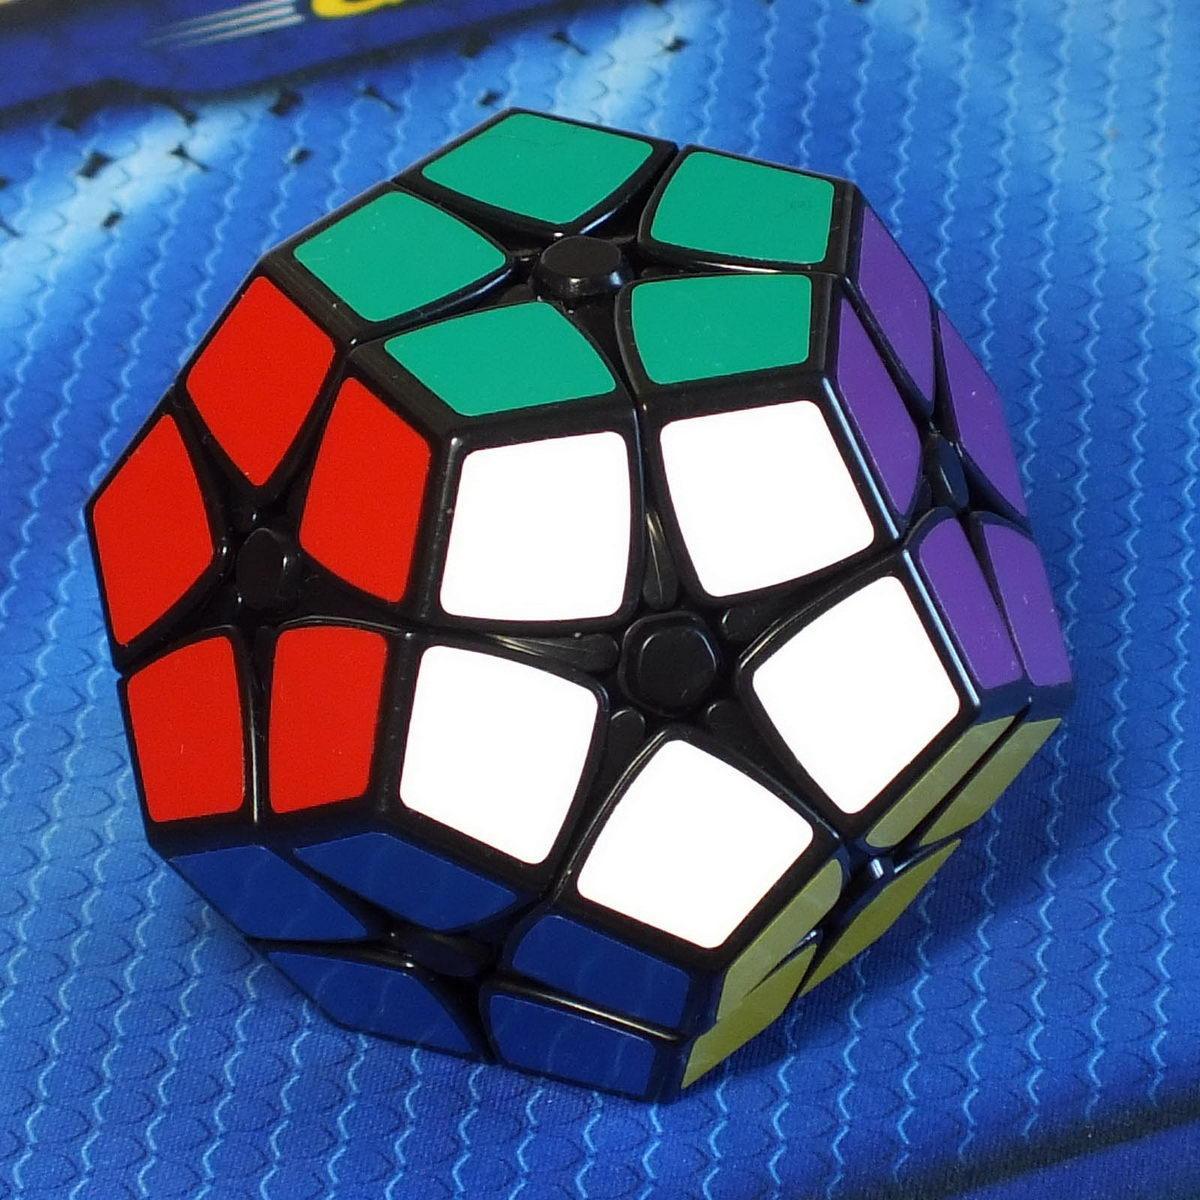 Кубик Мегамінкс 2х2 Shengshou Cube Kilominx, в коробці